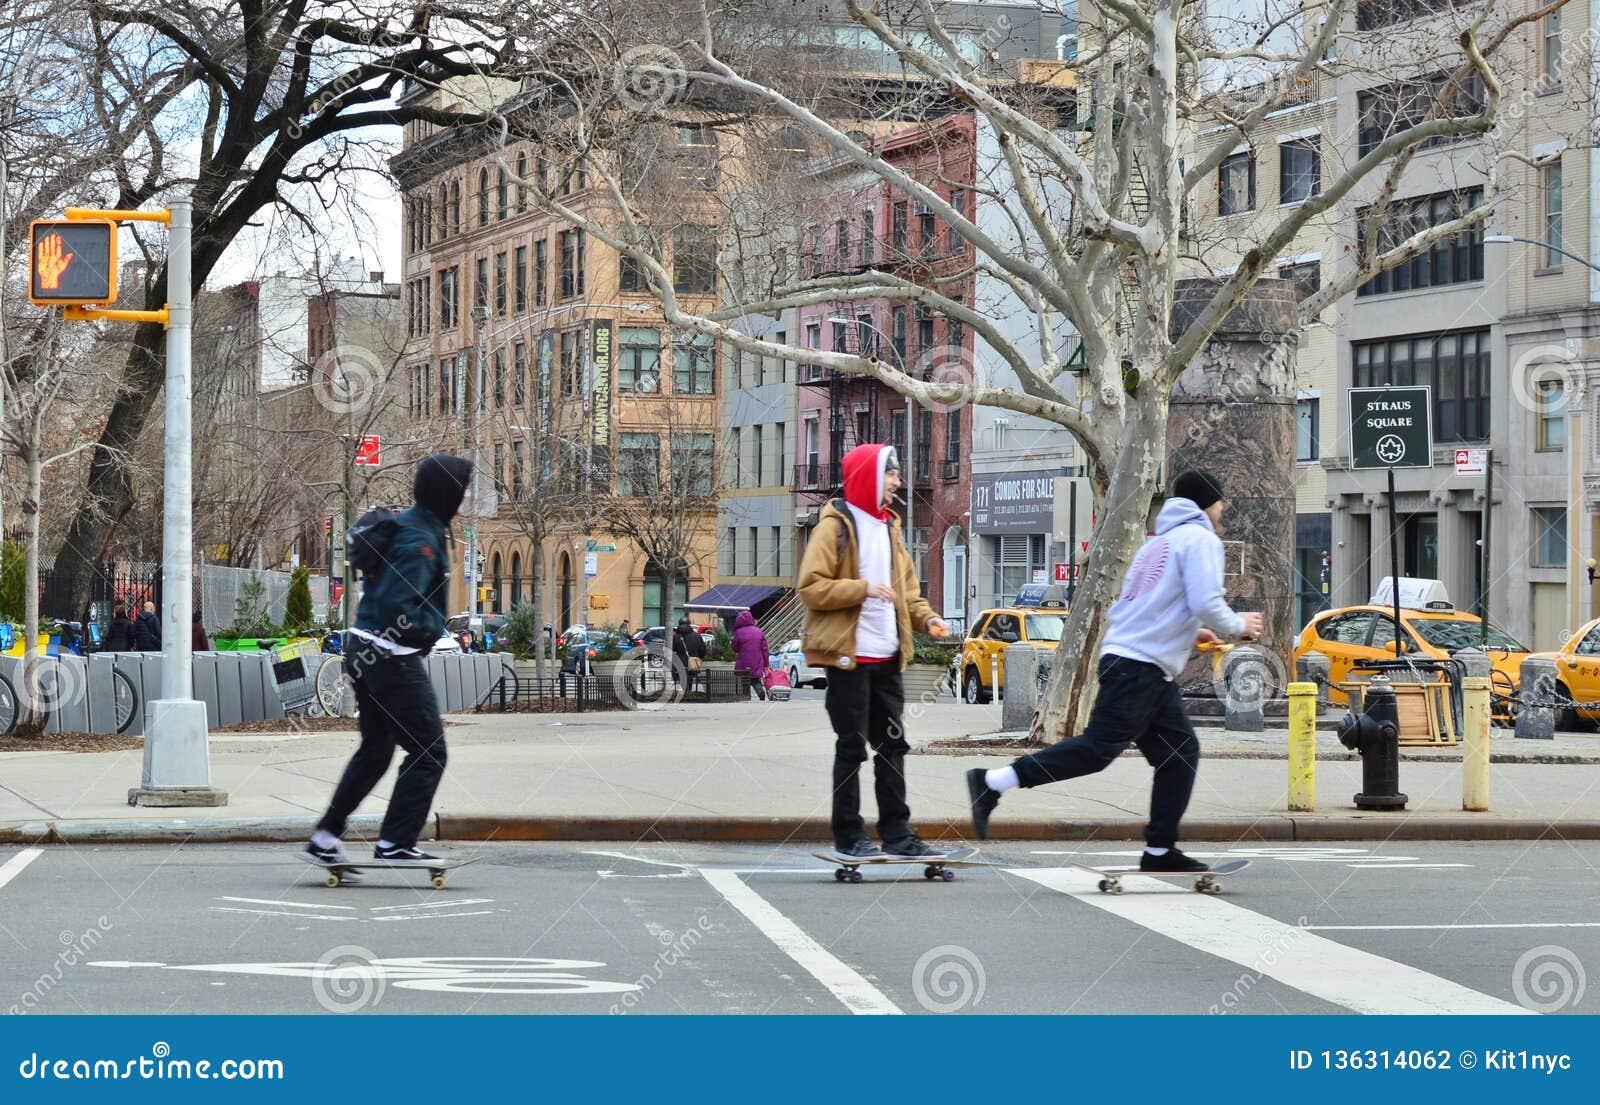 Niños jovenes del inconformista que montan el monopatín en centro de la ciudad del Lower East Side de Nueva York de las calles de